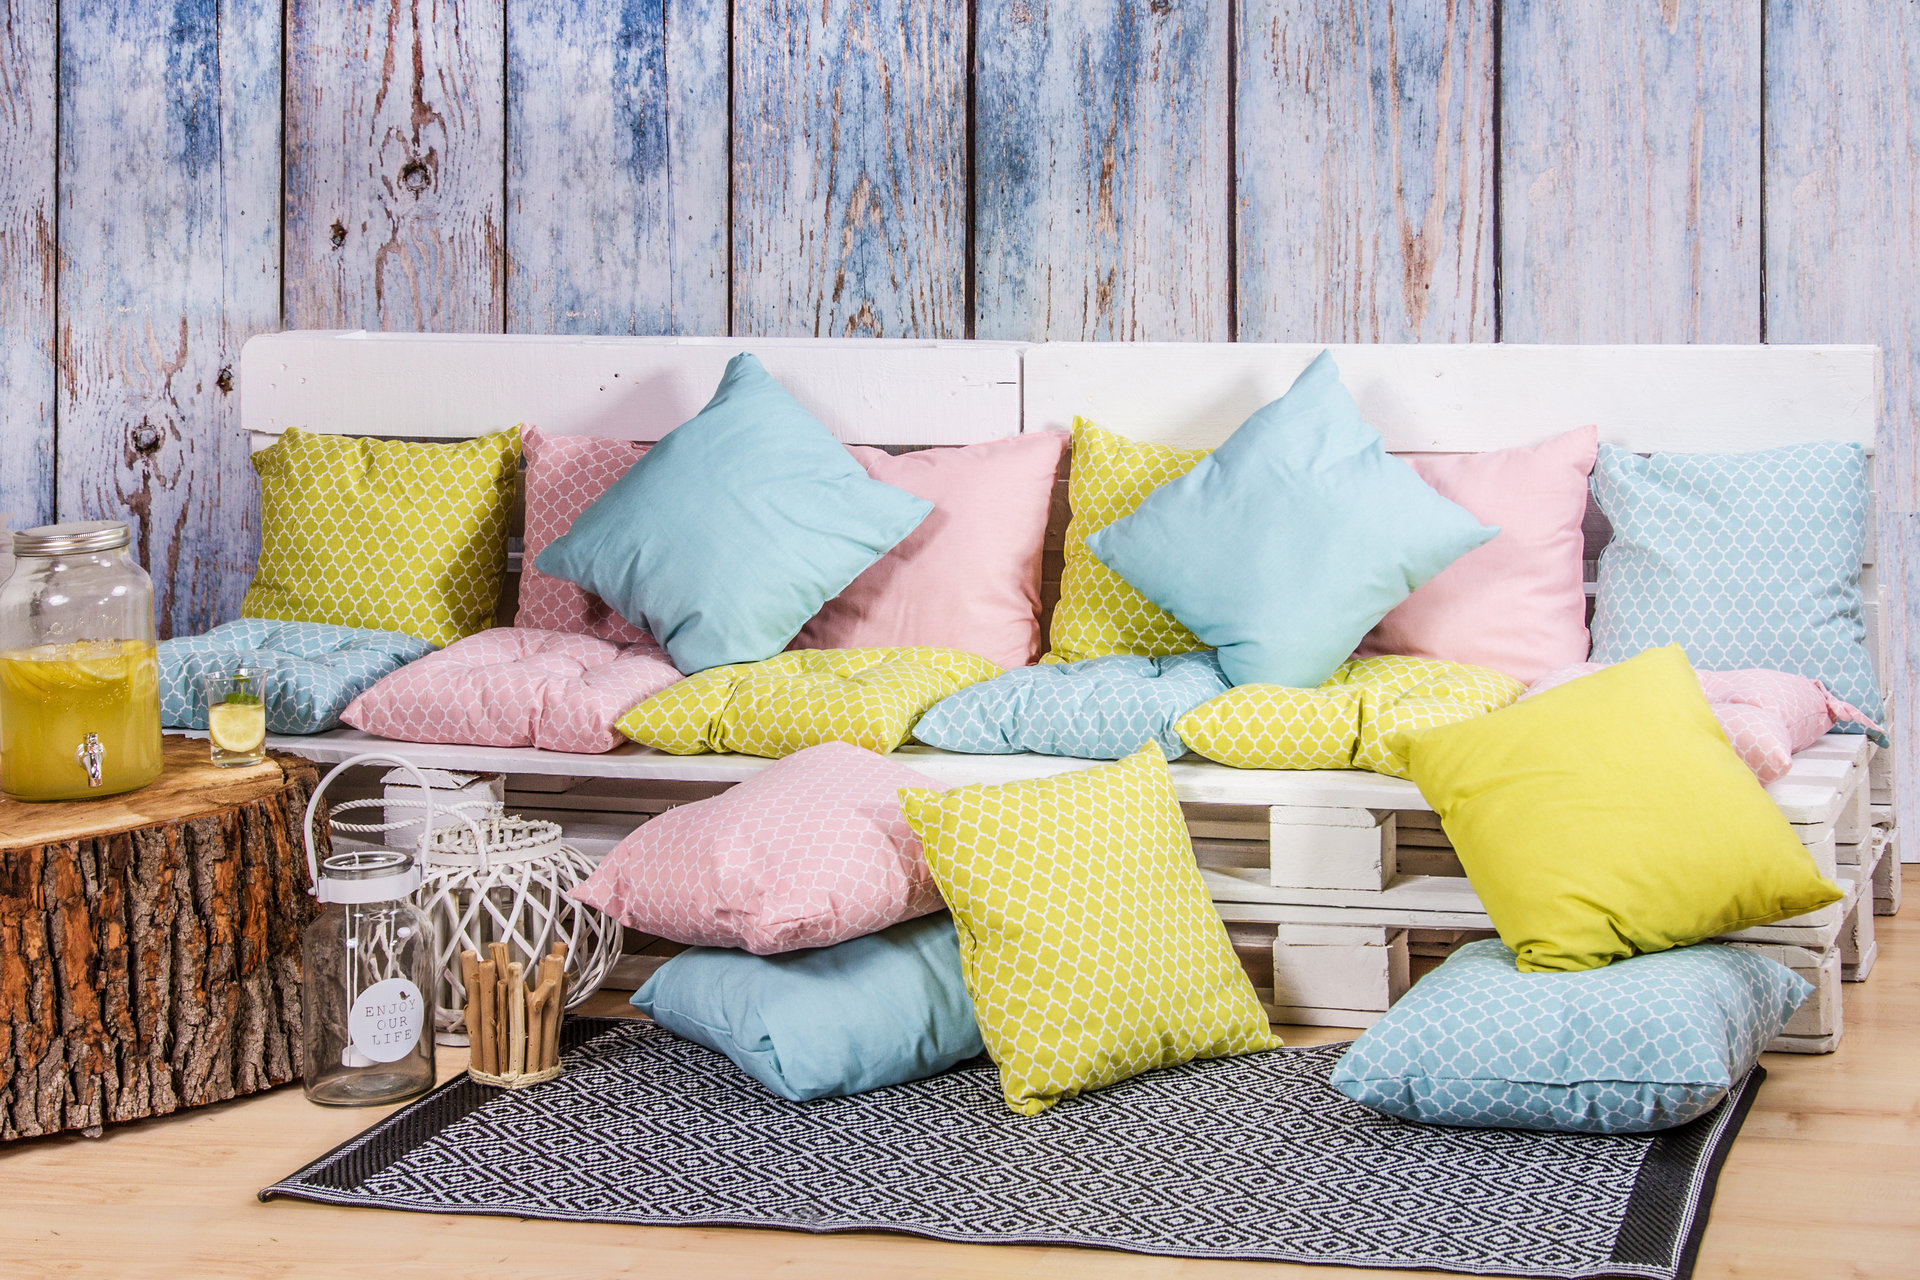 Odmień swoje mieszkanie na wiosnę przy pomocy dodatków w Twoim stylu